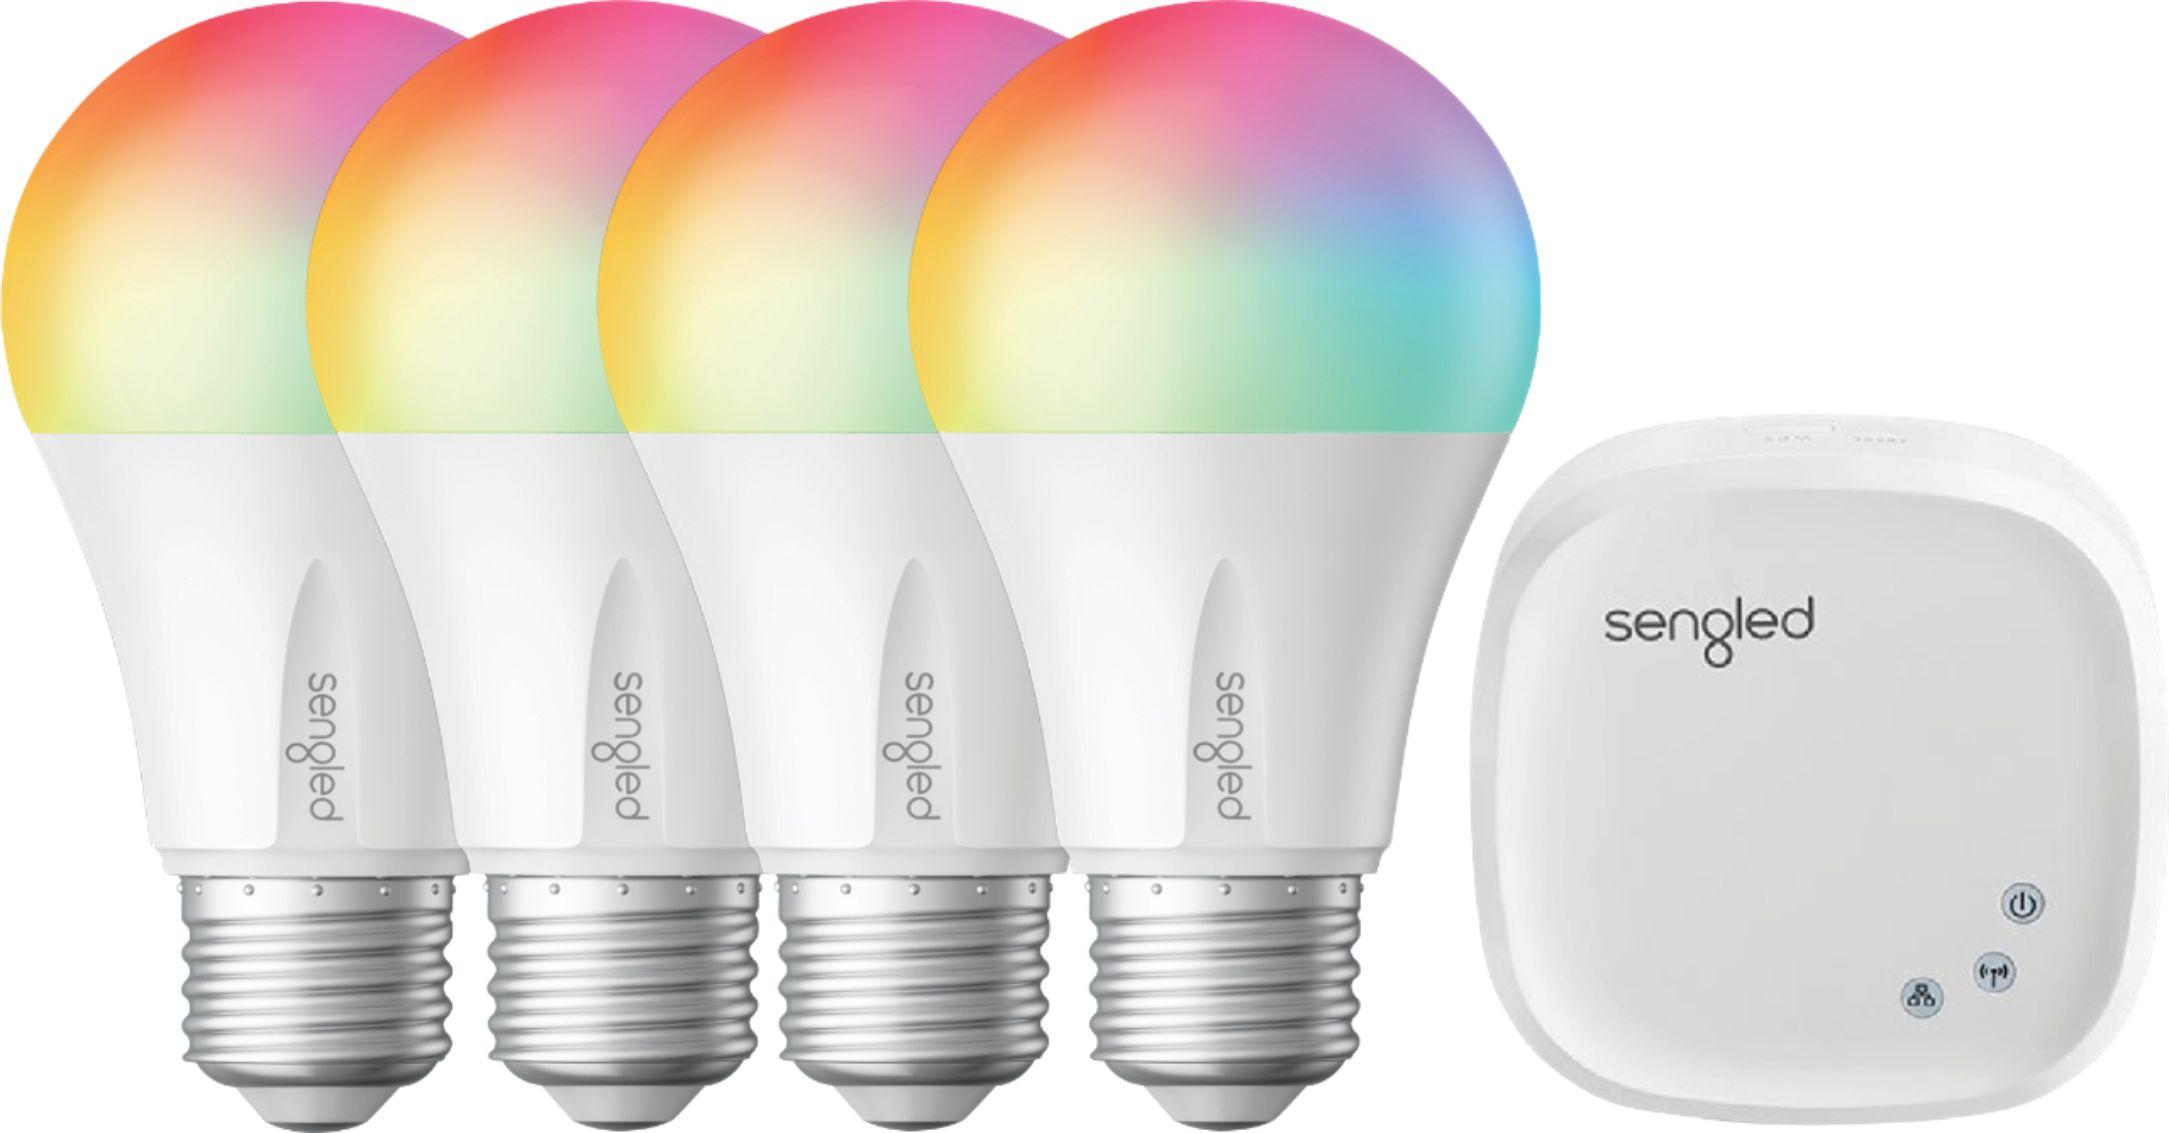 Sengled smart LED starter kit(4 pack) and multicolor light strip for $99.99